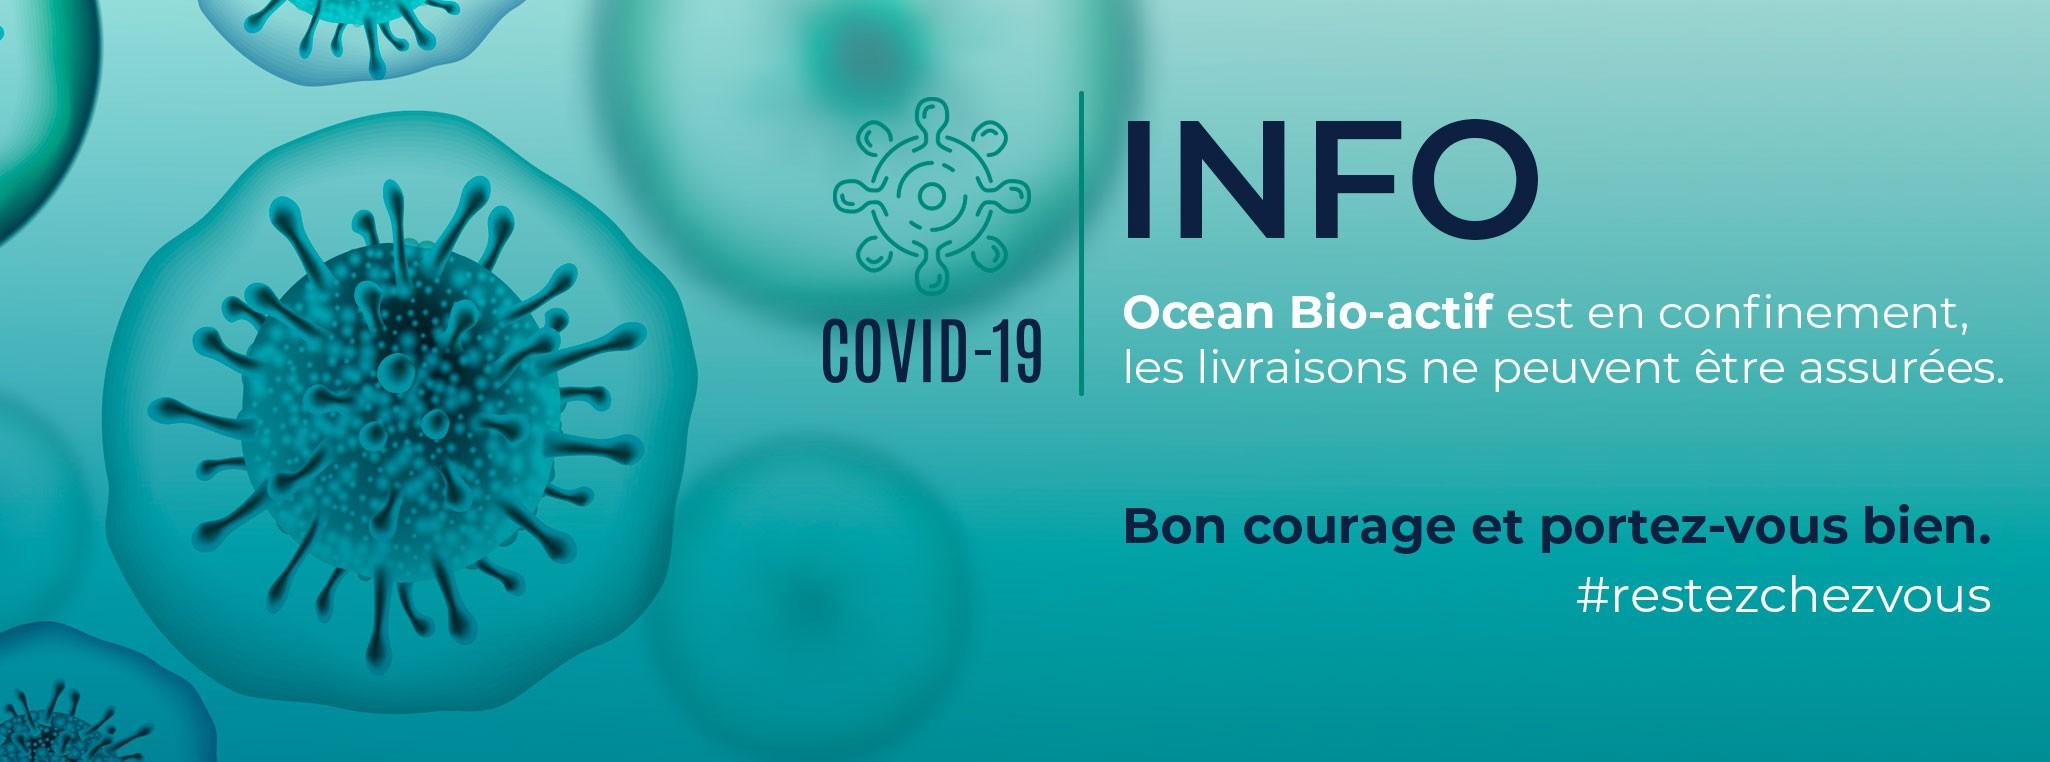 Océan Bio-actifest en confinement,les livraisons ne peuventêtre assurées.